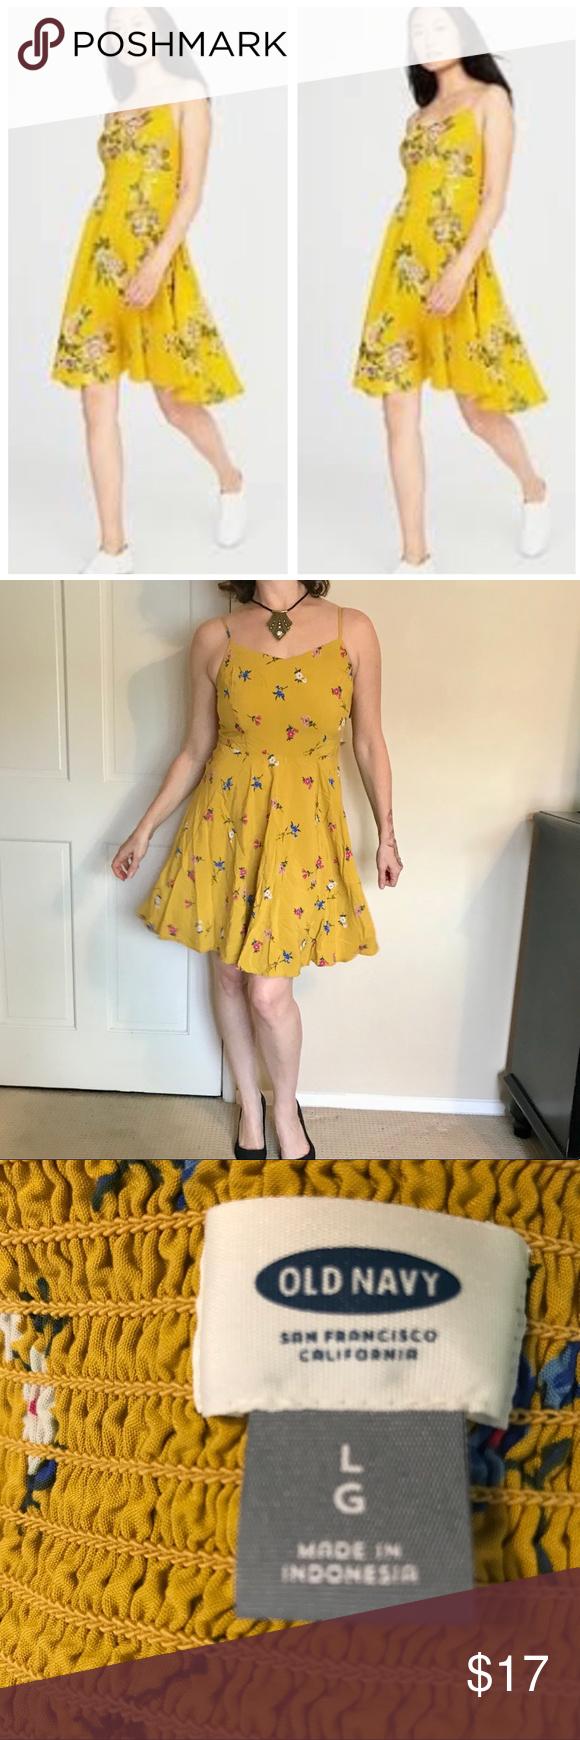 5b9b9202f1b YELLOW floral sundress DRESS mustard print M L Very cute floral print dress  in a